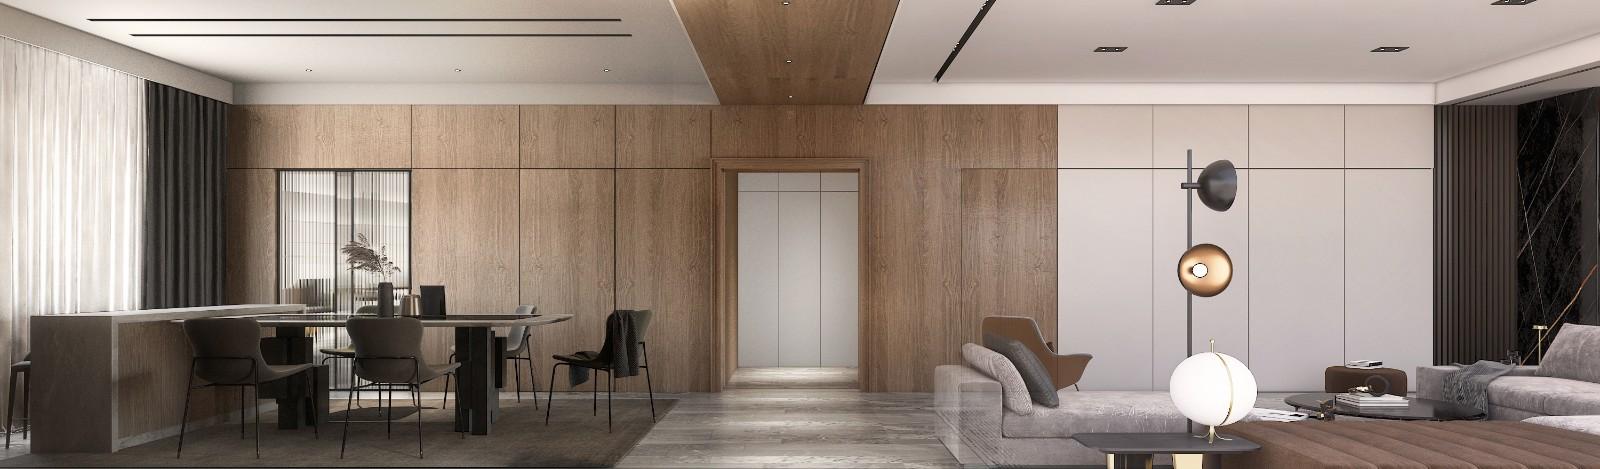 灰木色系住宅,幹凈優雅丨 崇德公館樣板間設計插图1